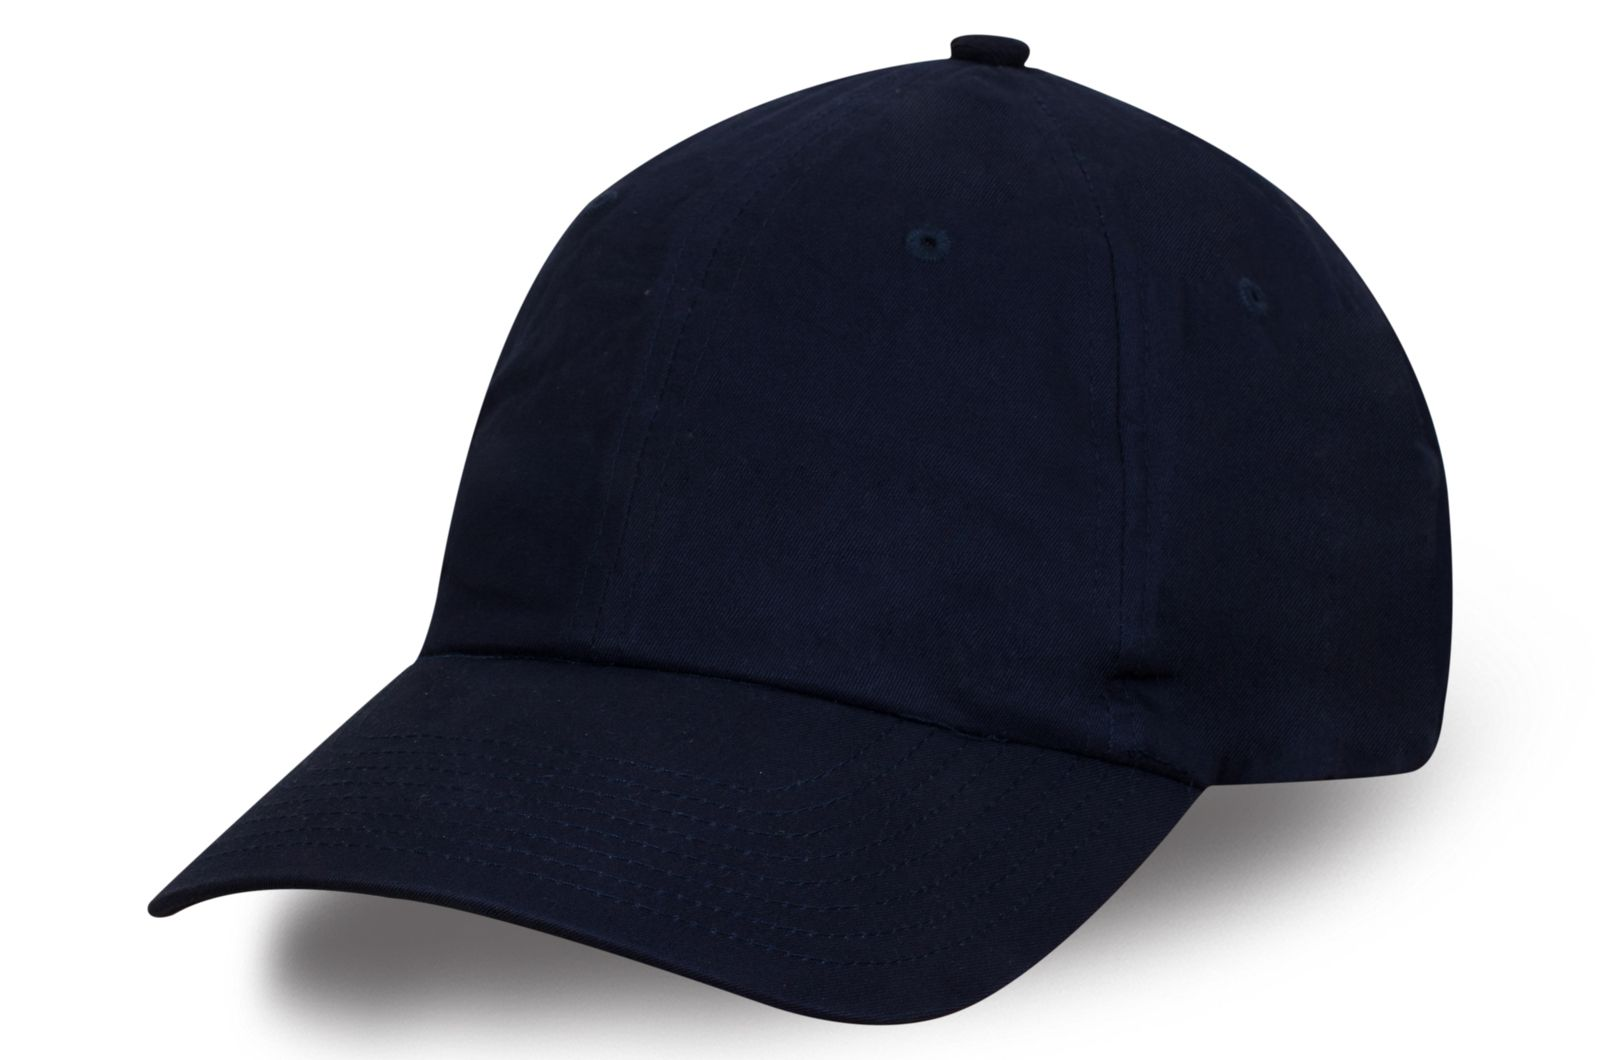 Тёмно-синяя бейсболка для стильных мужчин